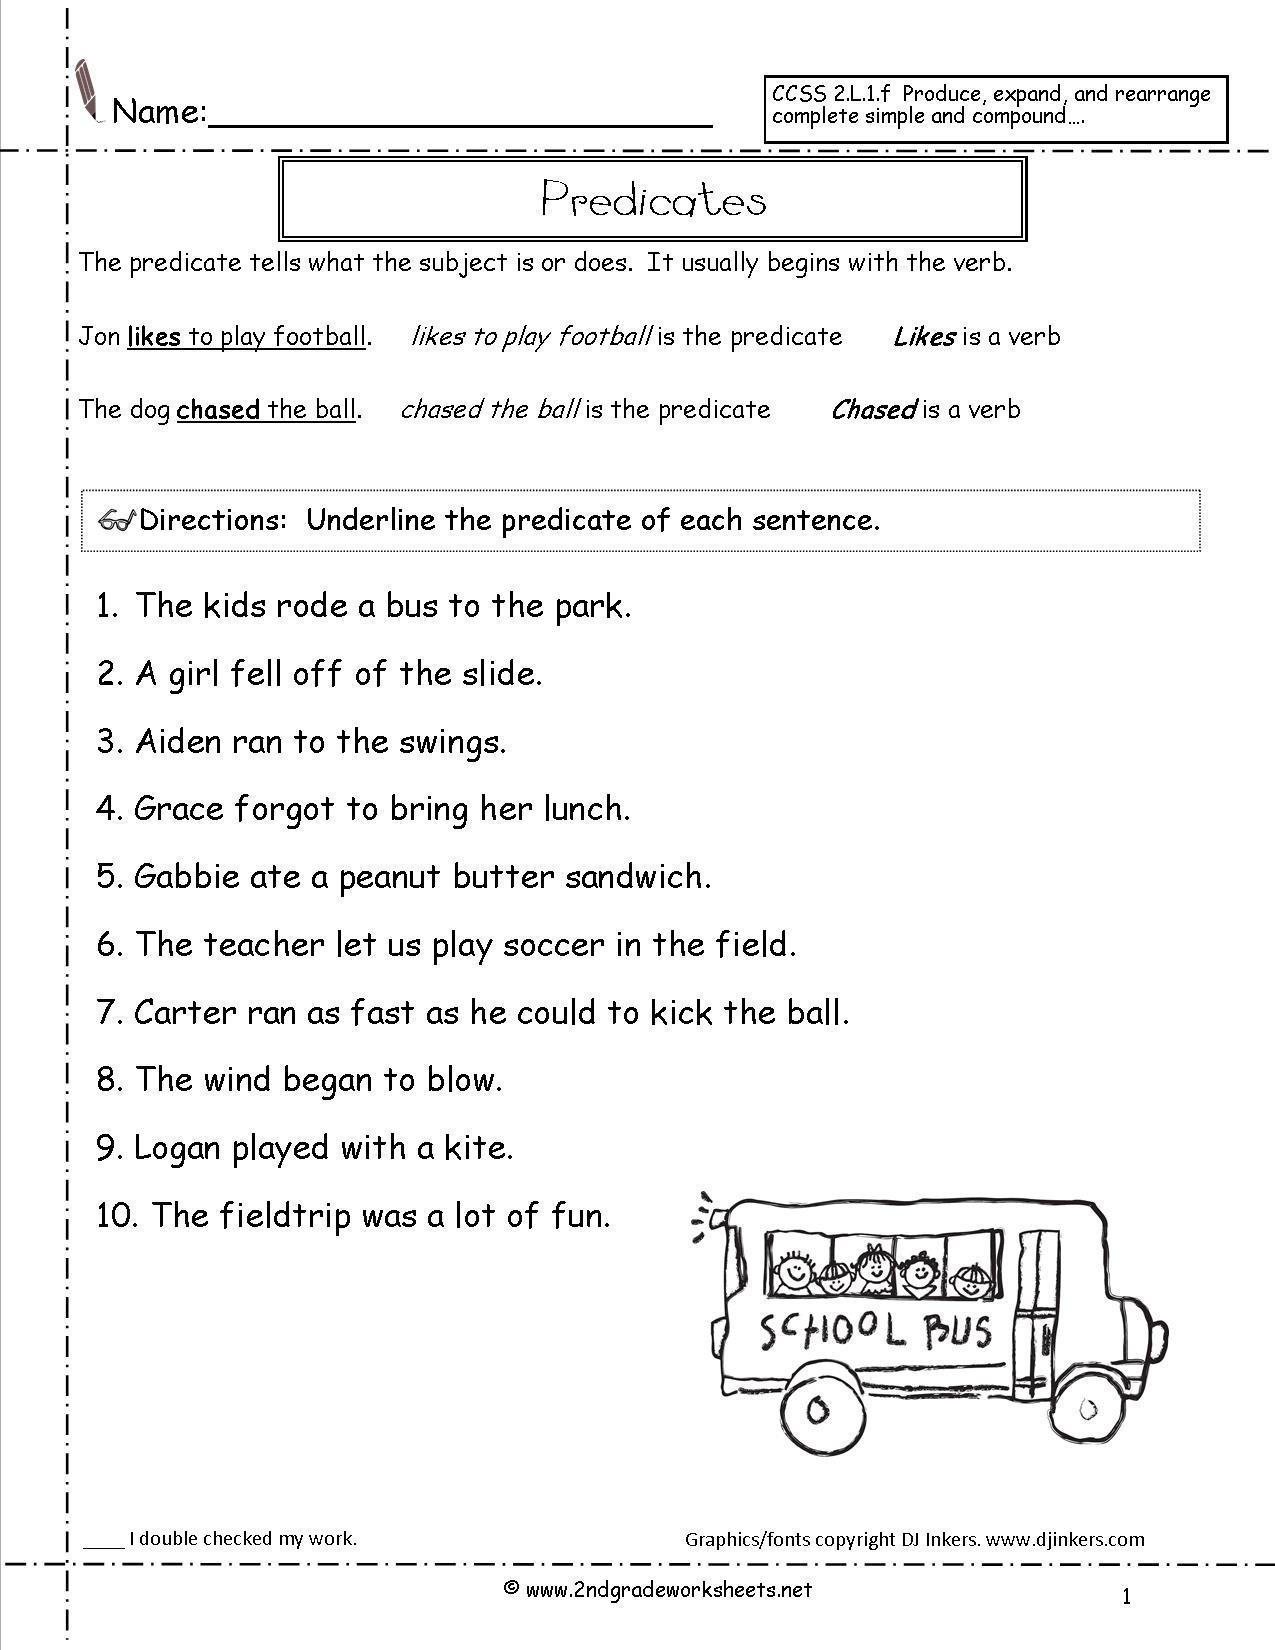 Complete Sentences Worksheets 2nd Grade Second Grade Sentences Worksheets Ccss 2 L 1 F Worksheets